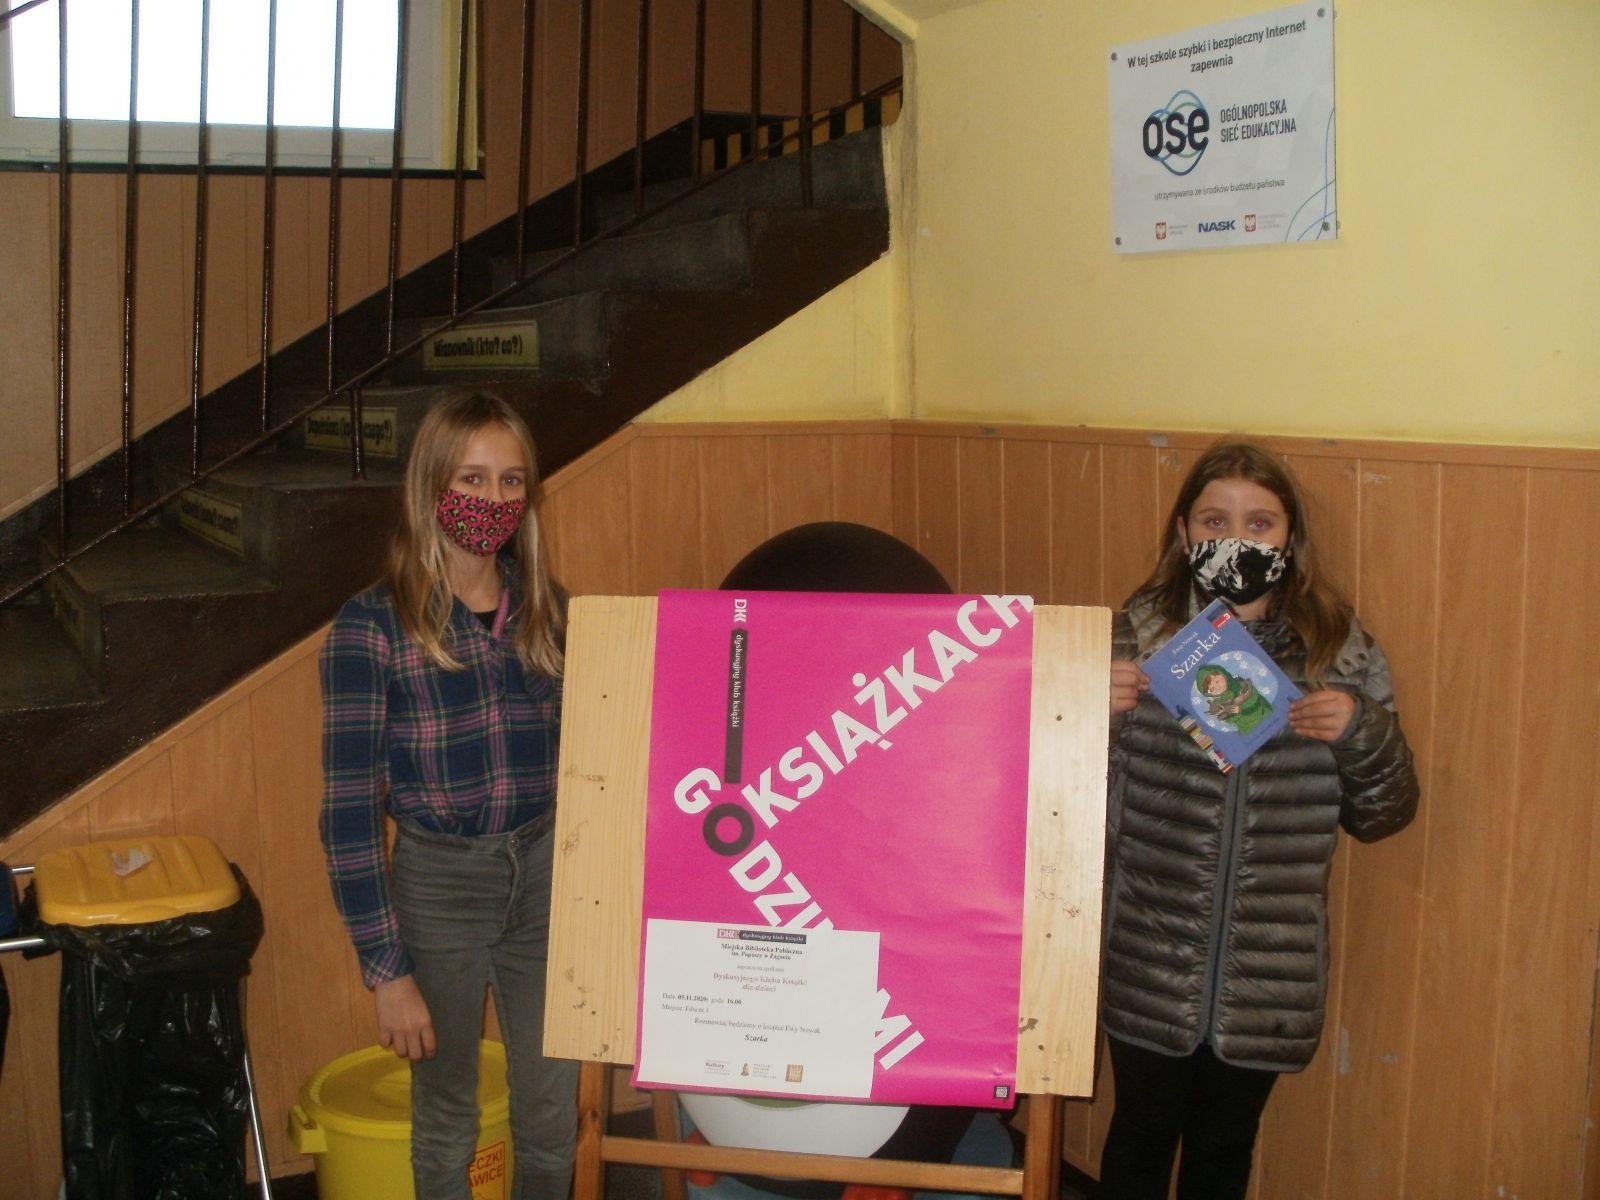 Zdjęcie. Na szkolnym korytarzu, w kącie przy schodach prowadzących na piętro pozują dwie dziewczynki trzymające przeczytaną książkę. Pomiędzy nimi stoi sztaluga z różowym plakatem Godzinami o Książkach.